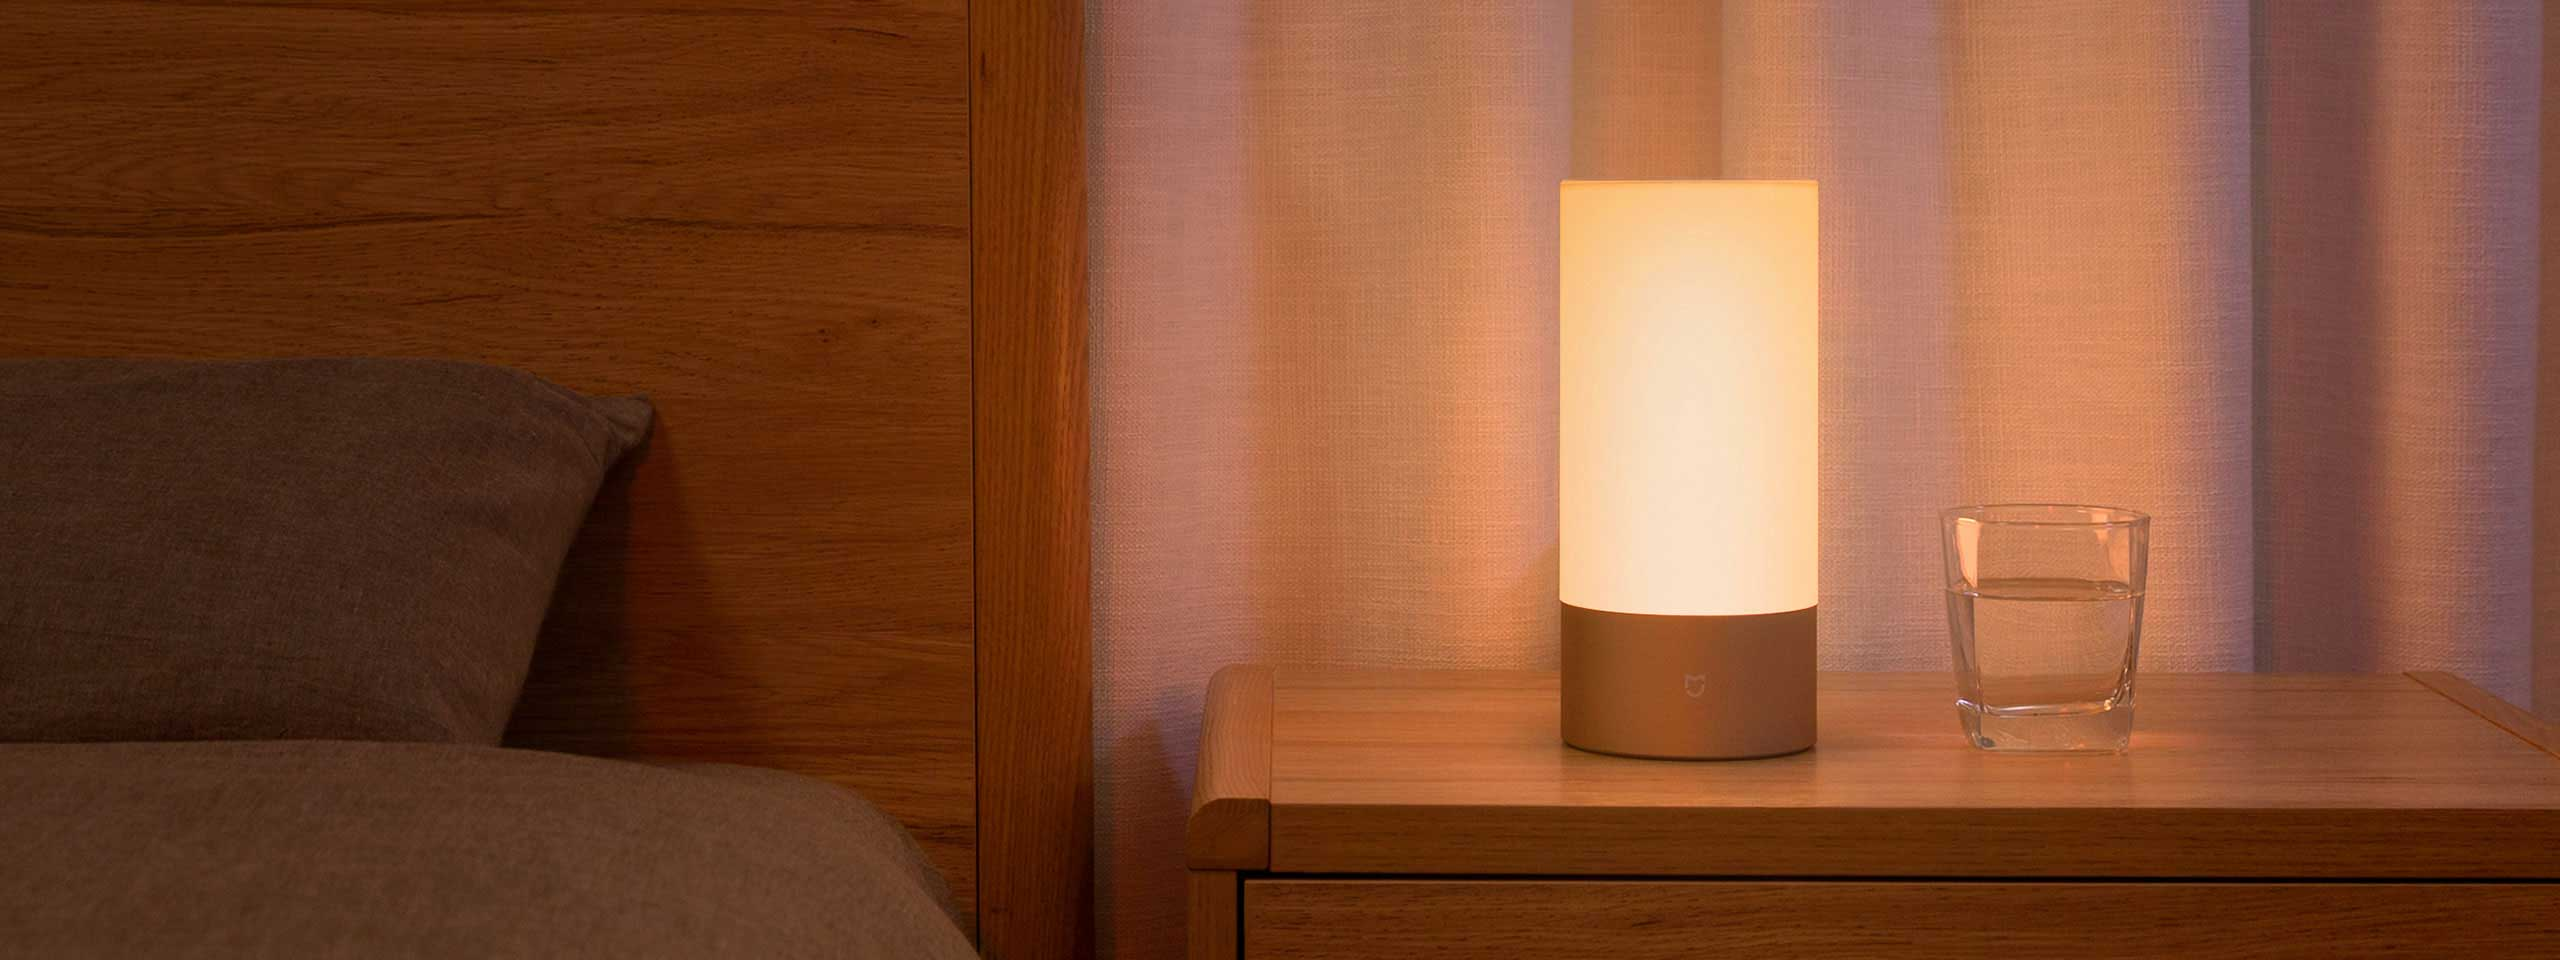 mj-bedsidelamp-01.jpg